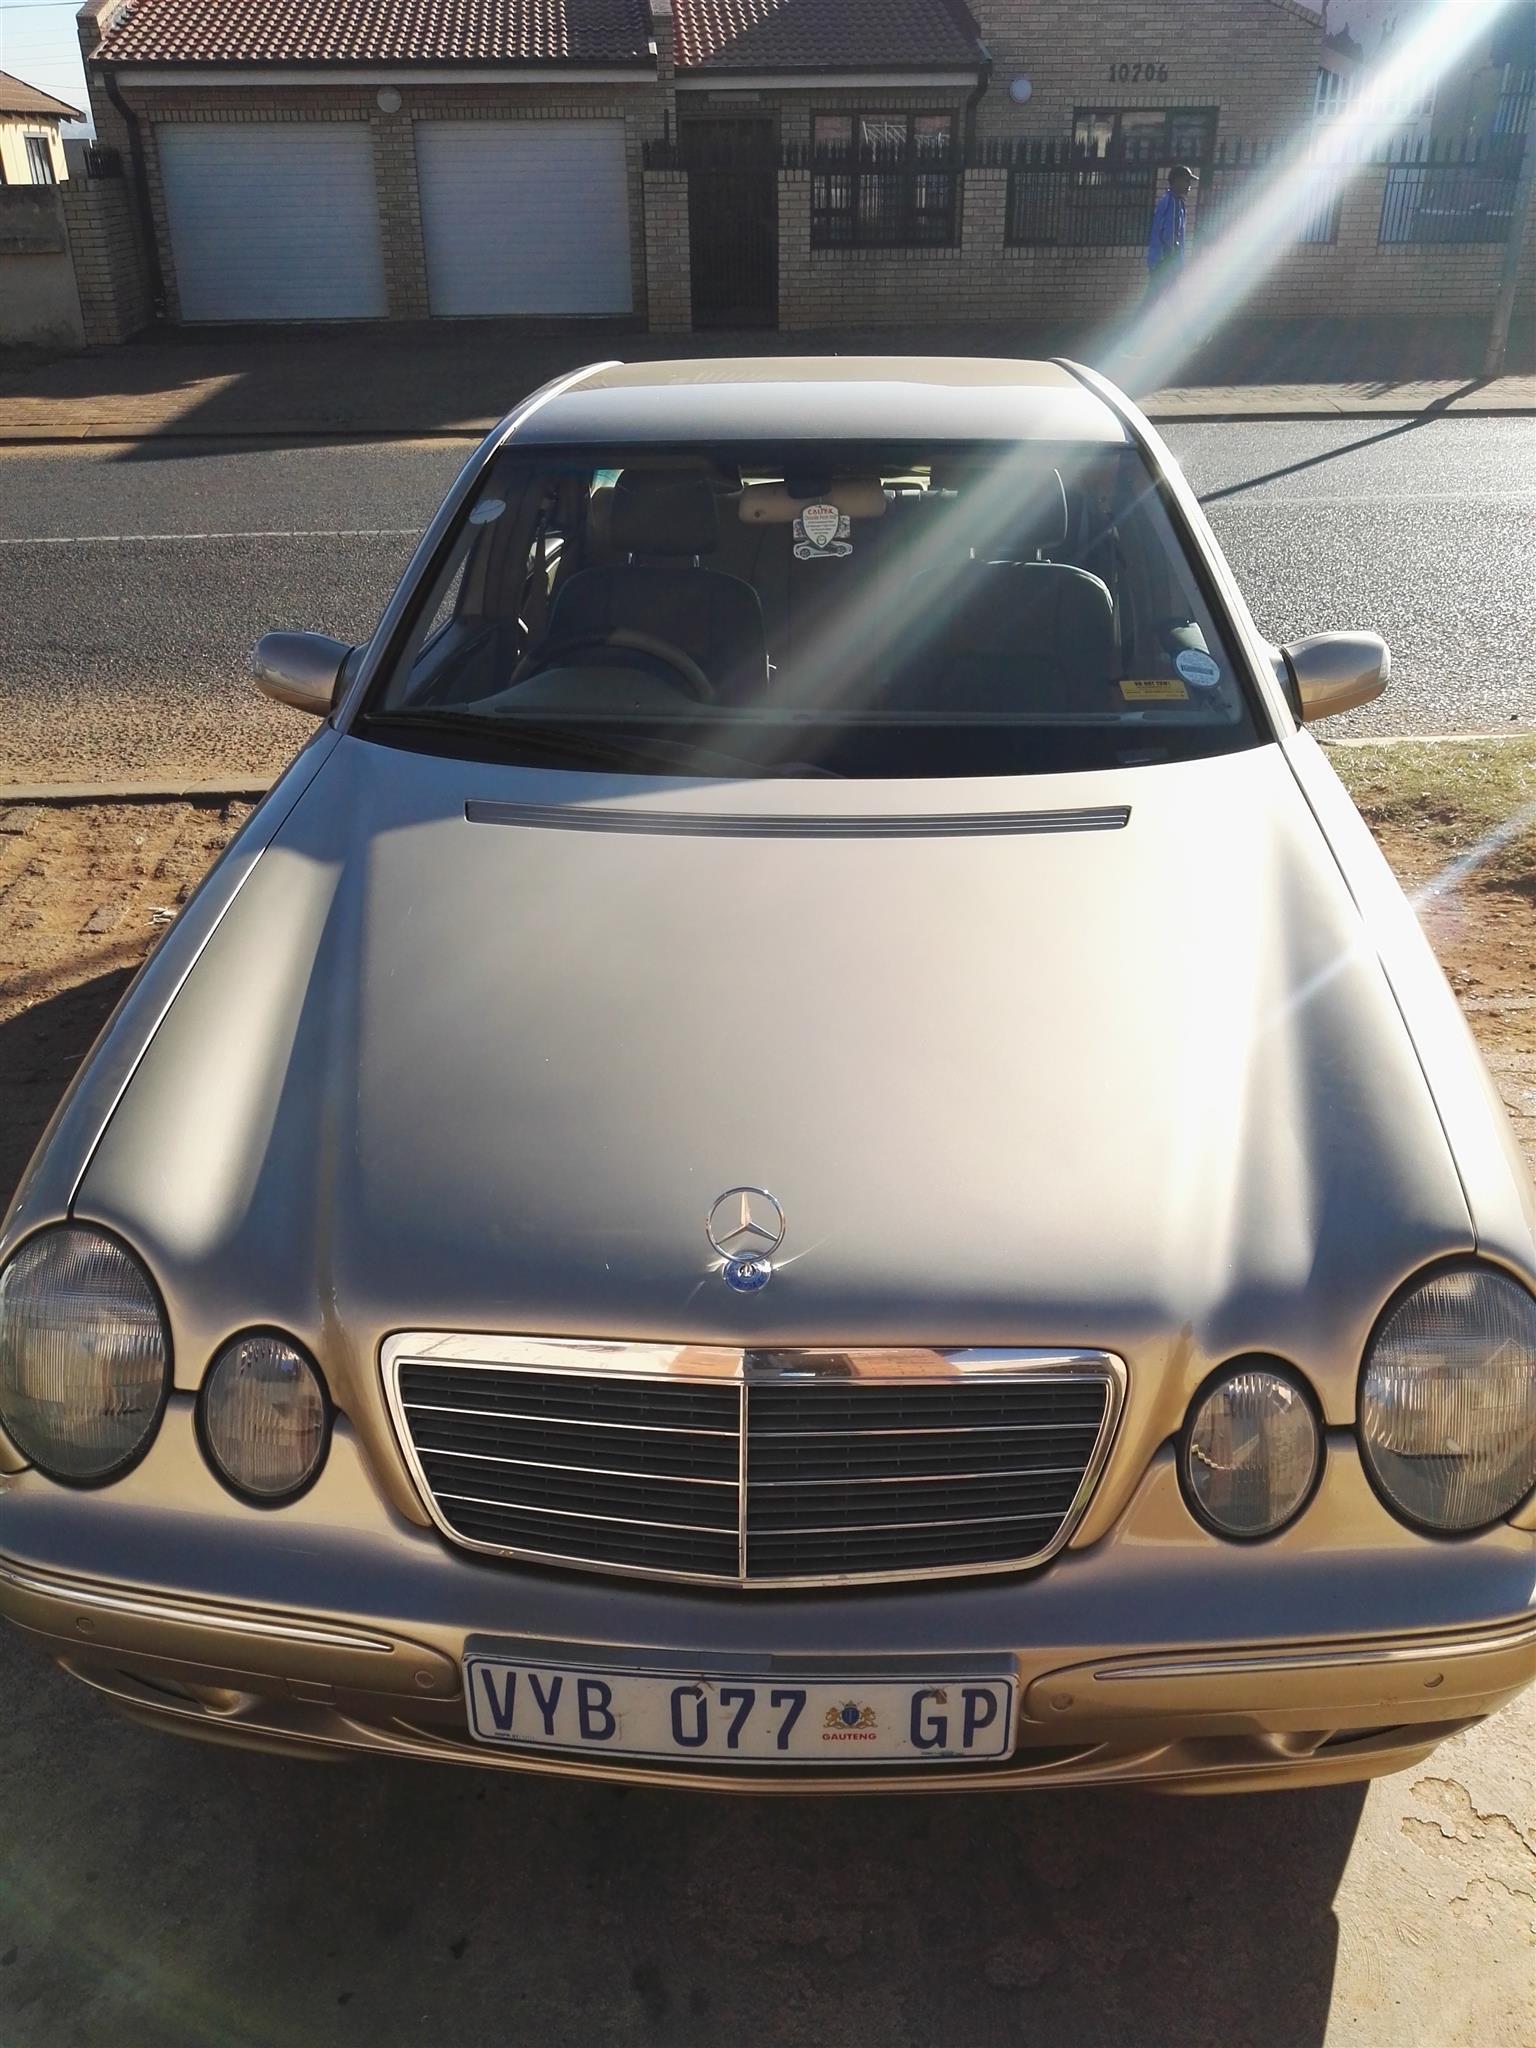 2003 Mercedes Benz E-Class E300 cabriolet